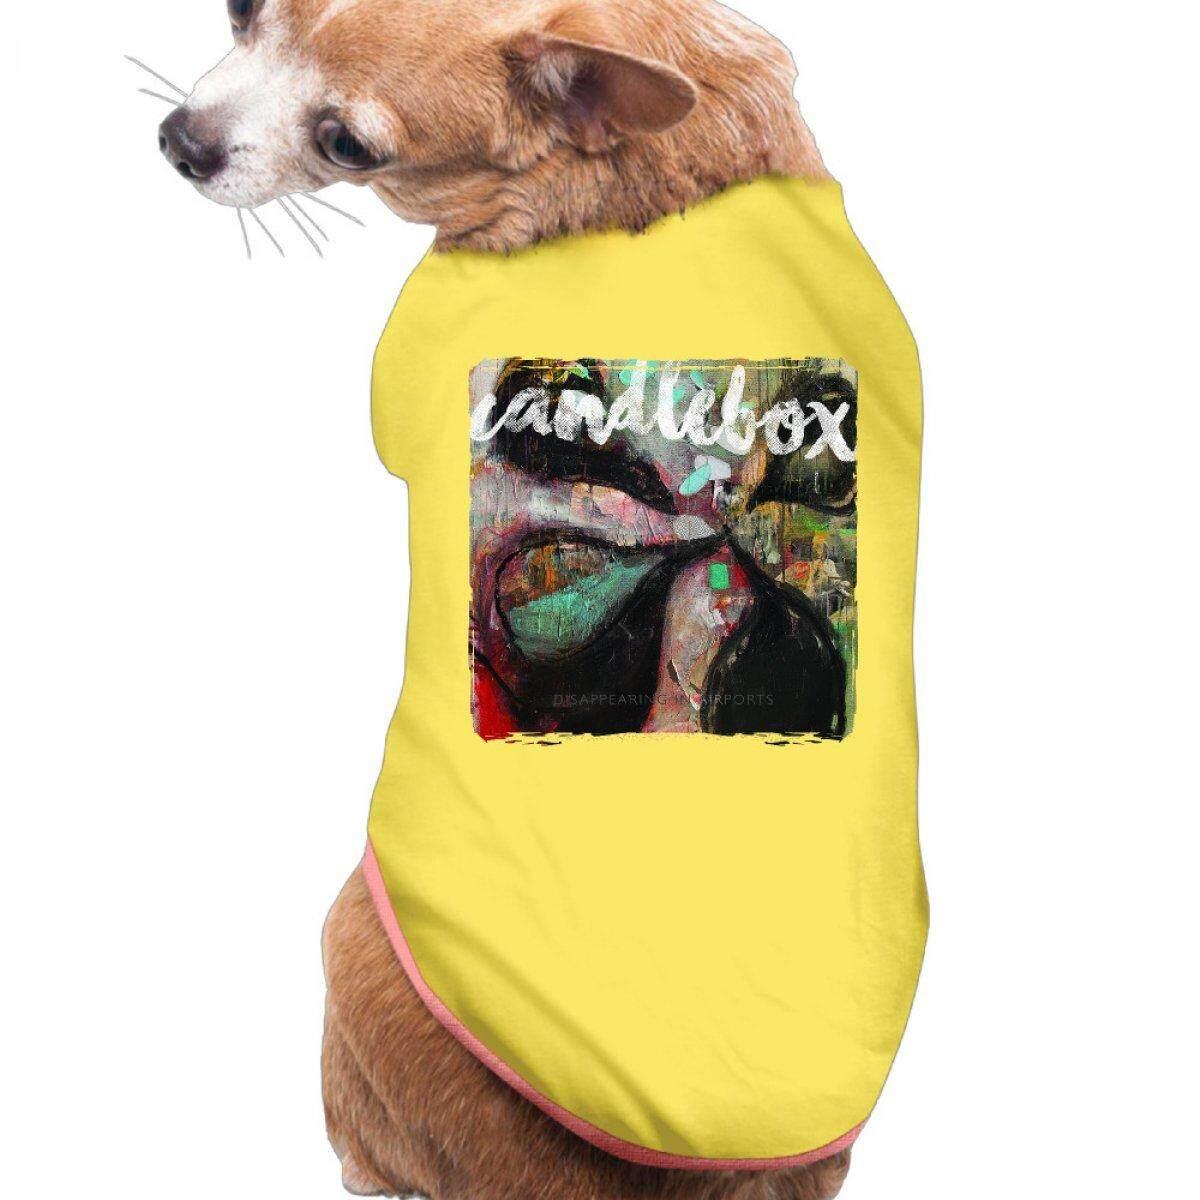 Candlebox Menghilang Di Bandara Hewan Peliharaan Persediaan Peliharaan T-shirt Anjing T Shirt-Internasional